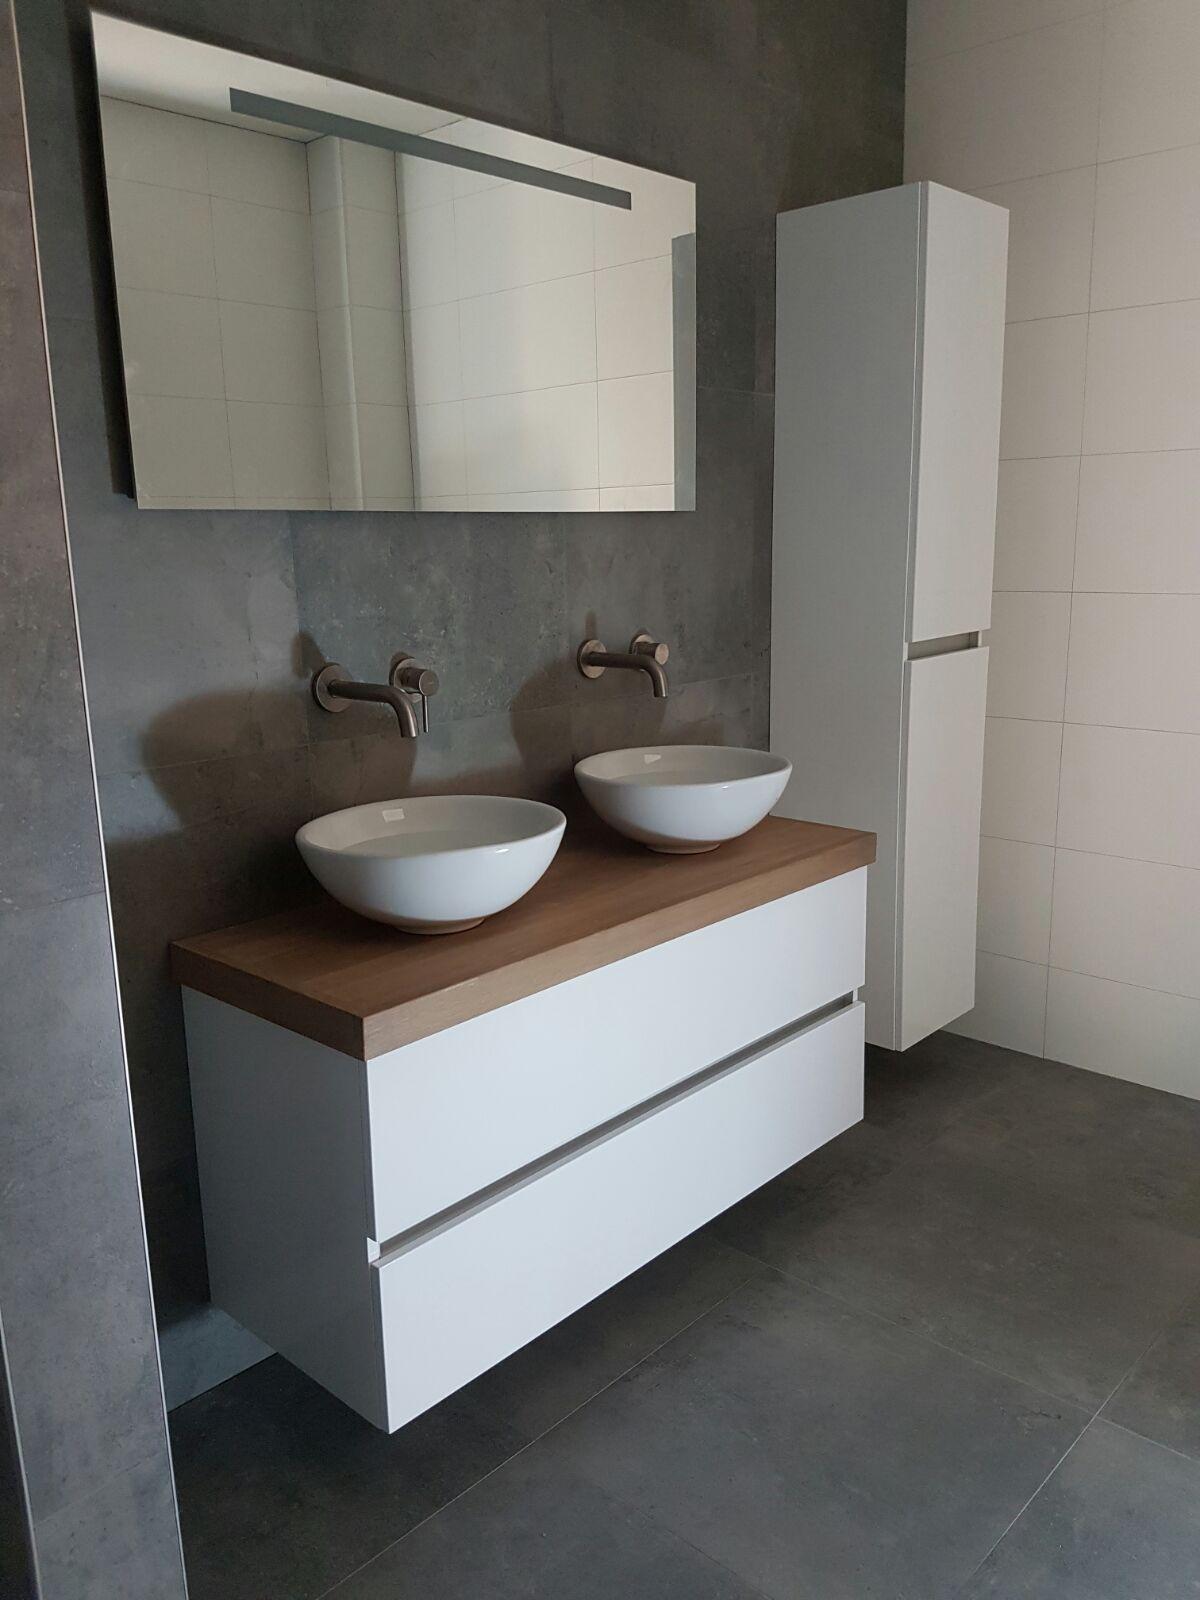 onze badkamer met vt wonen loft grey tegels en een eikenhouten